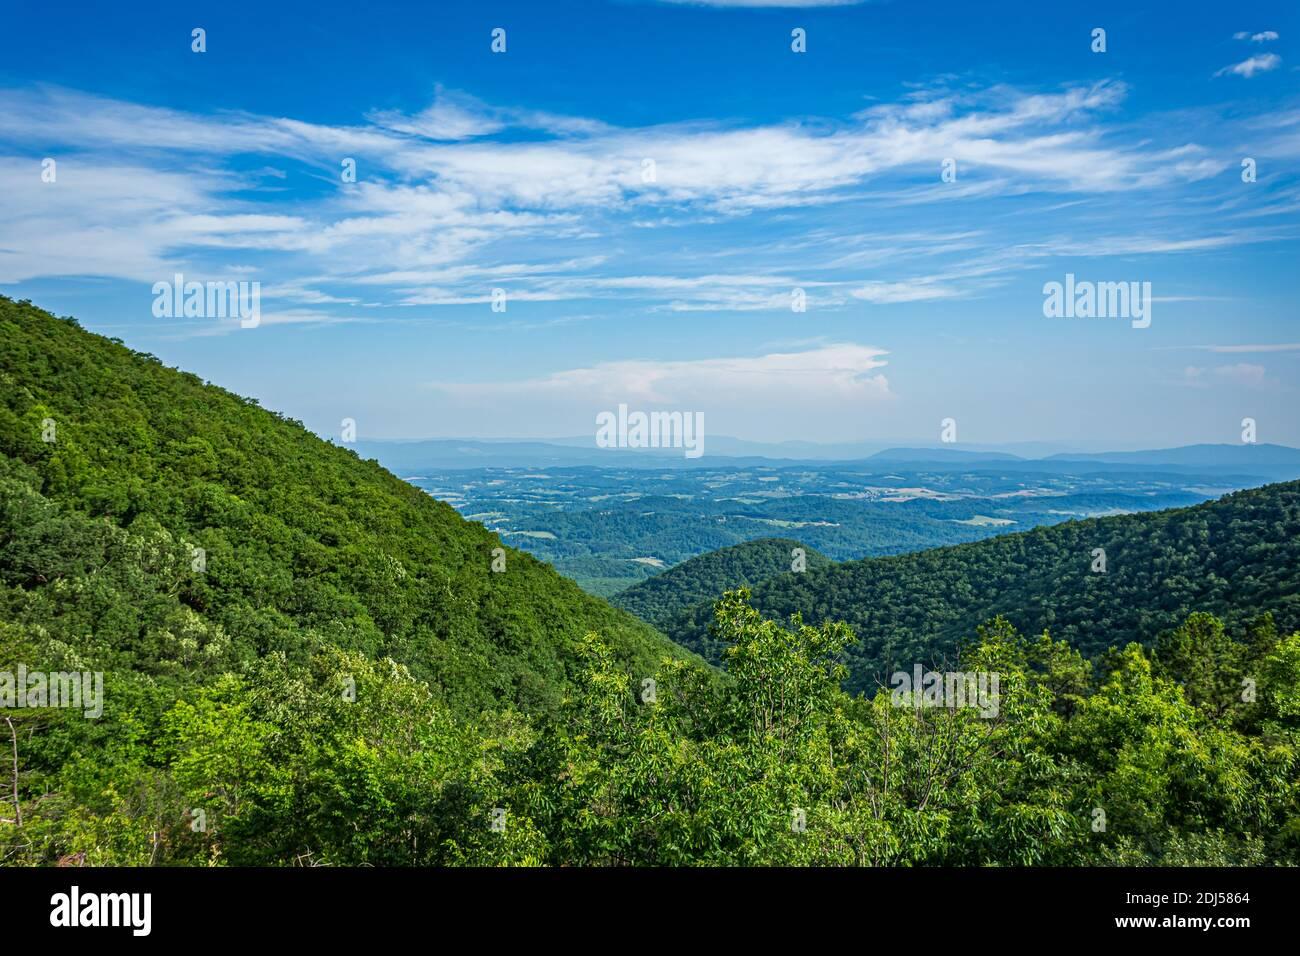 La vue depuis la montagne Taylor donne sur la Blue Ridge Parkway près de Roanoke, Virginie. Banque D'Images